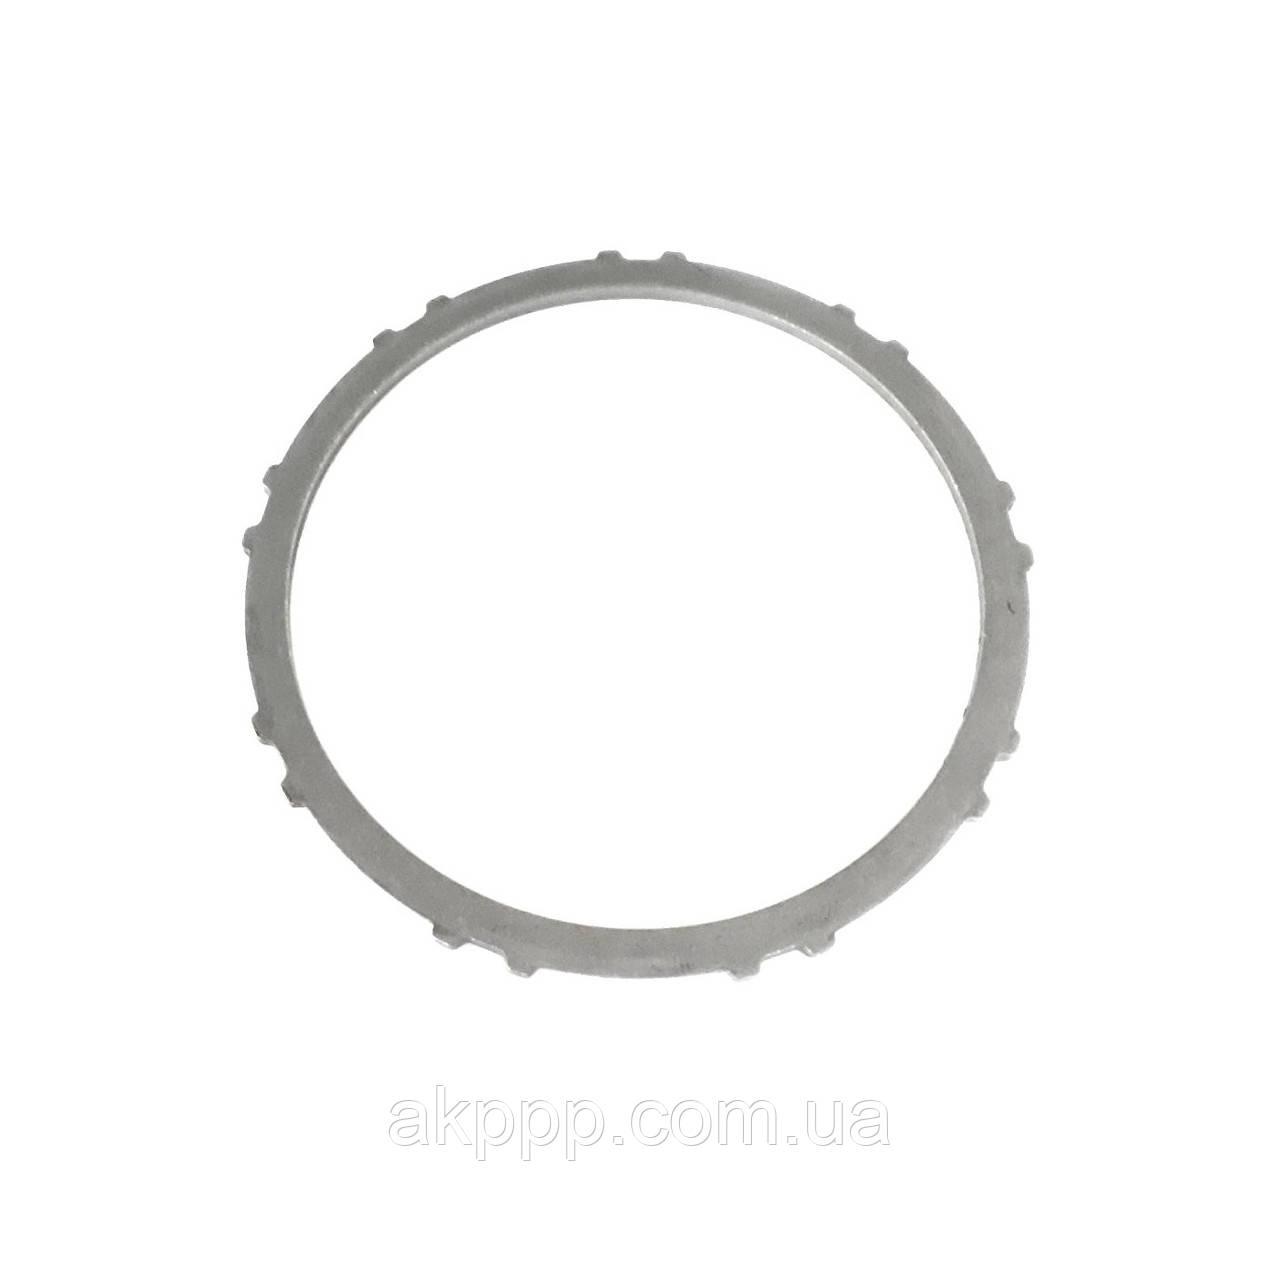 Упорний диск акпп 5L40E (18 зуб 5/155/174 мм) б/у